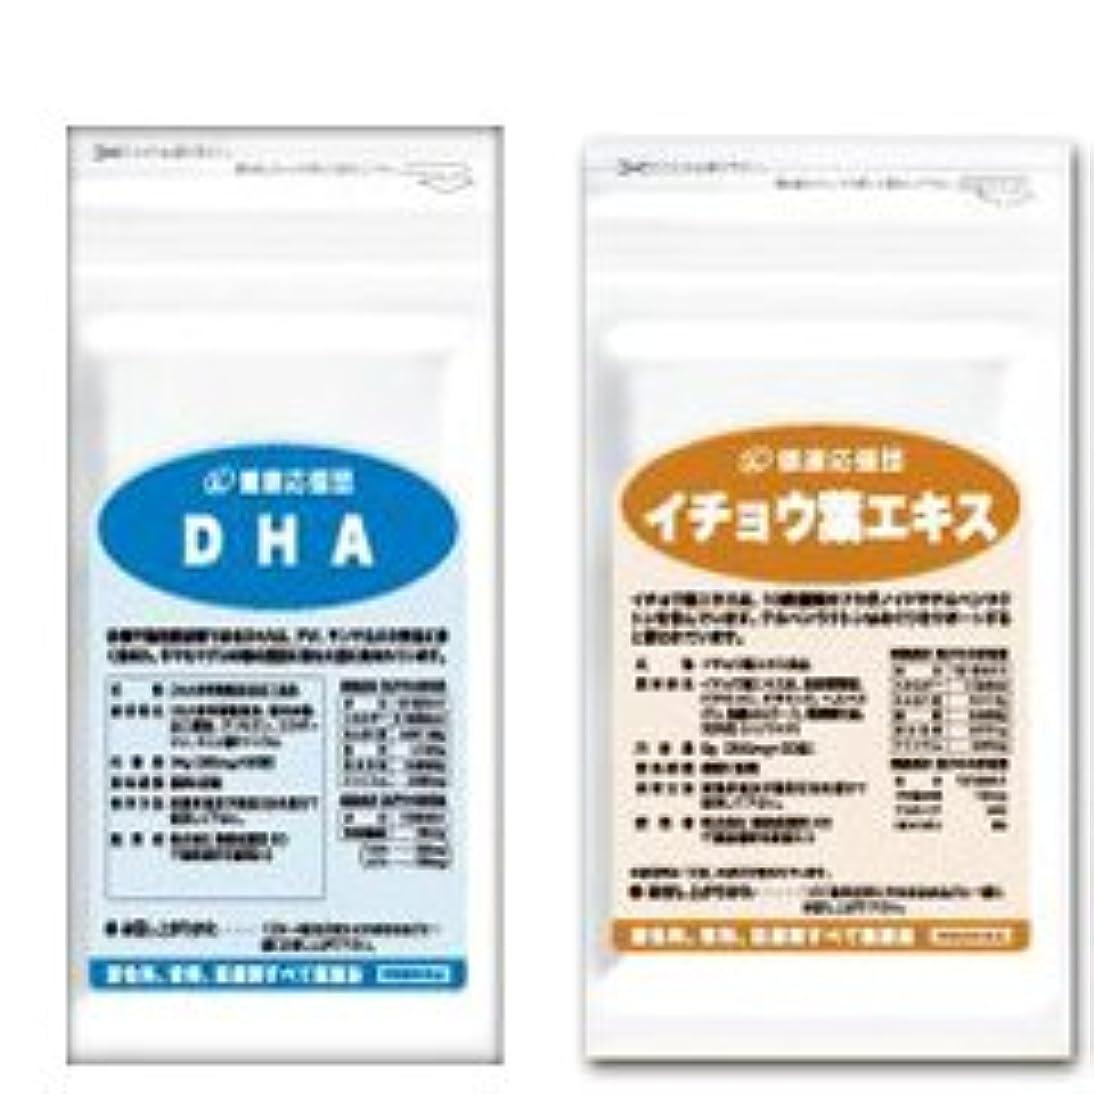 法医学破壊的等価(お徳用6か月分)サラサラ巡りセット DHA + イチョウ葉エキス 6袋セット (DHA?EPA?イチョウ葉?ビタミンC?ビタミンE?ビタミンP配合)